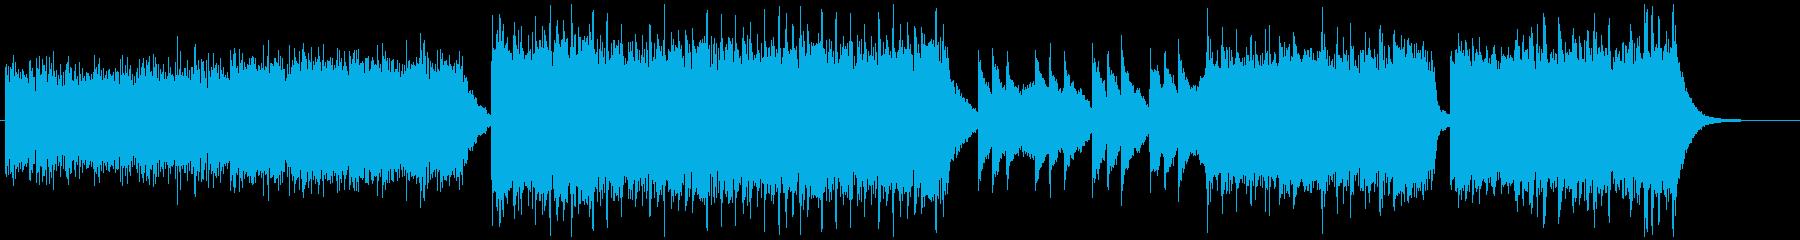 雄大ポジティブ-映像プロモーションの再生済みの波形